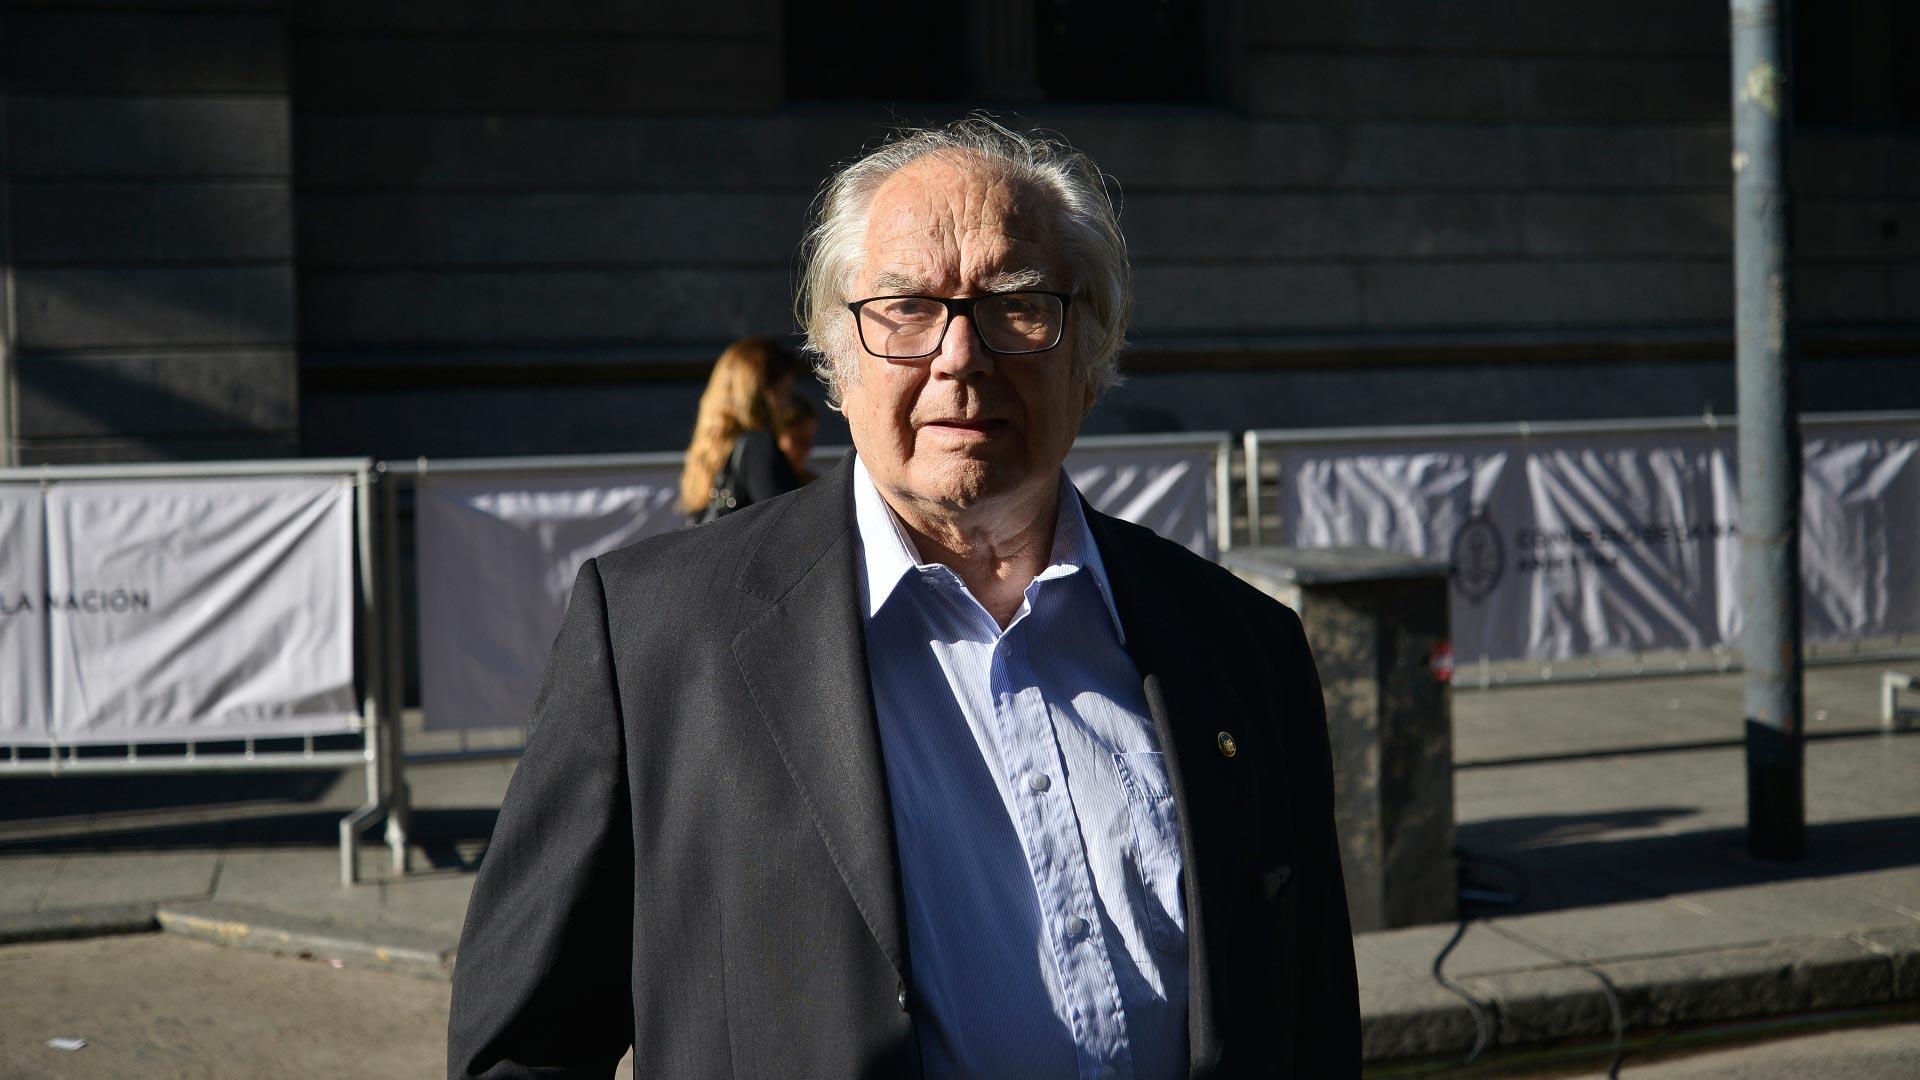 Adolfo Pérez Esquivel, defensor de los derechos humanos y premio Nobel de la Paz en 1980